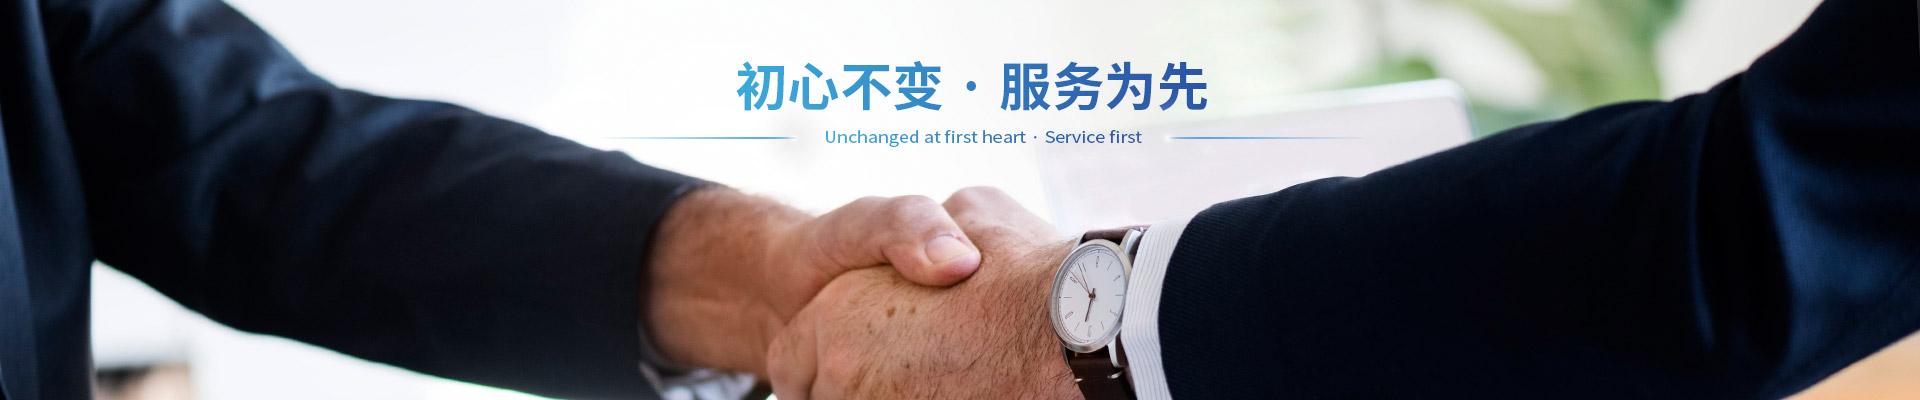 宜昌宇實建設有限公司公司介紹